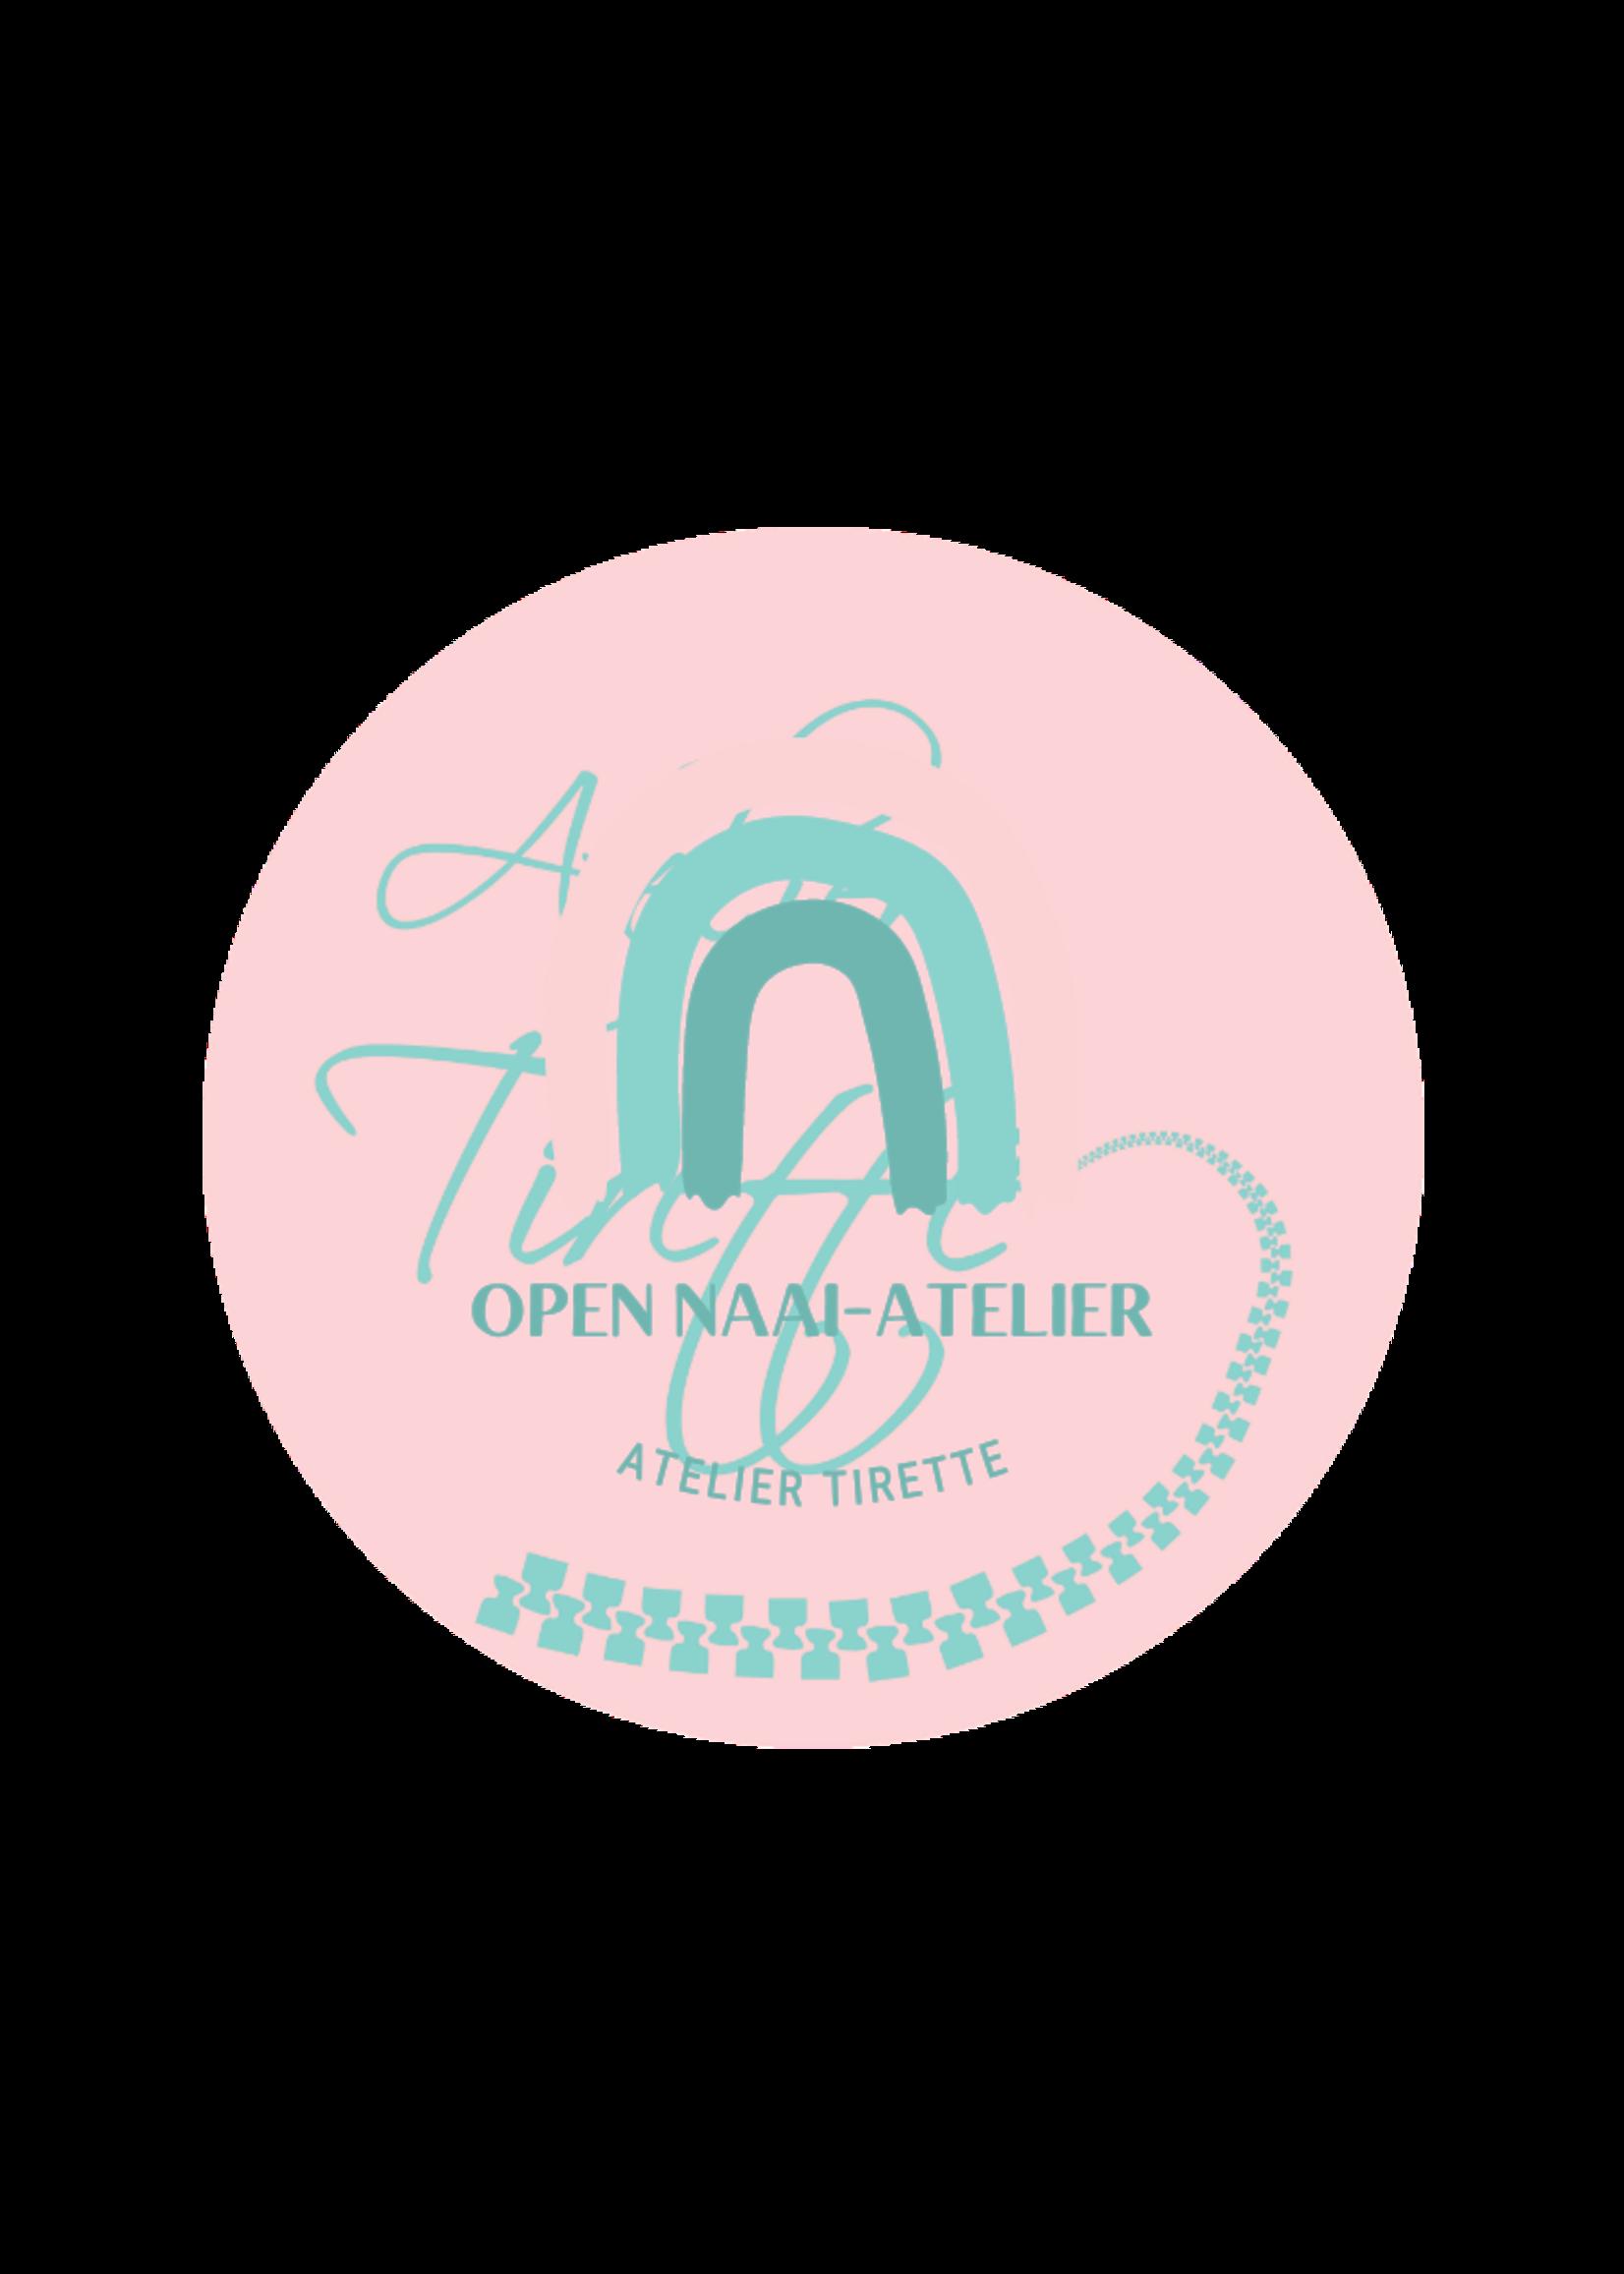 Open naaiatelier